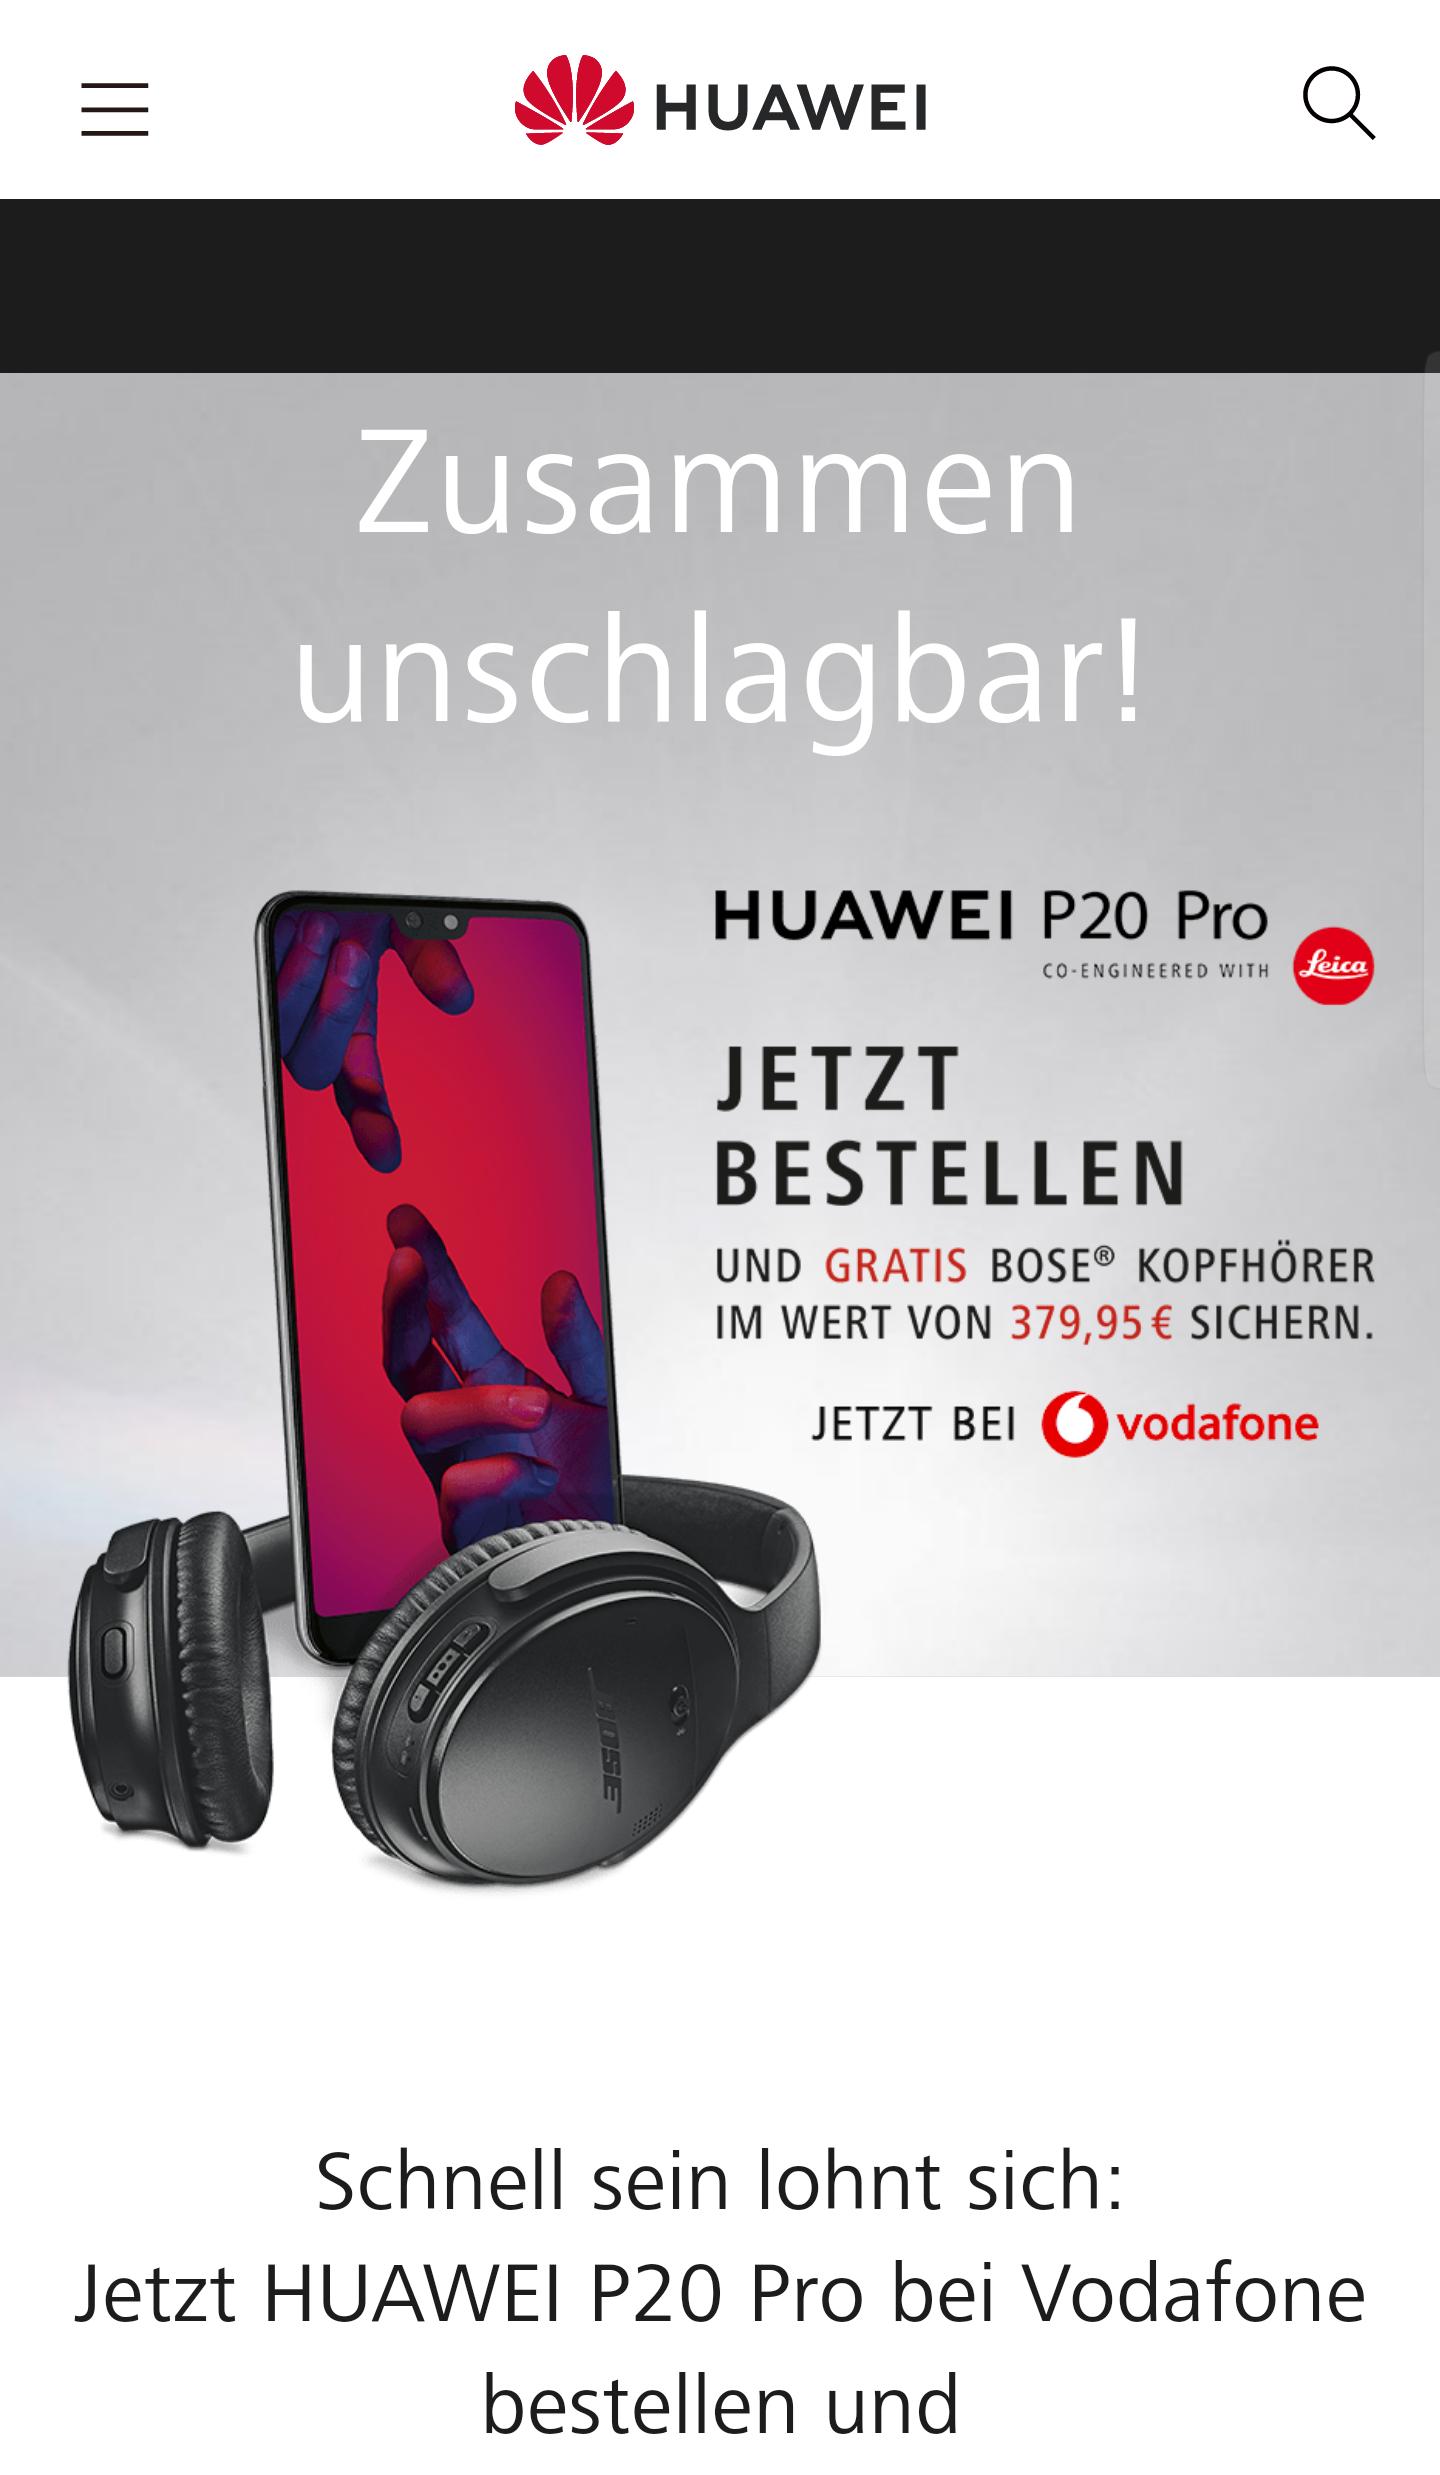 Besteller des P20 pro erhalten bei Vodafone die Bose QC35 II auch nach dem 6.4.